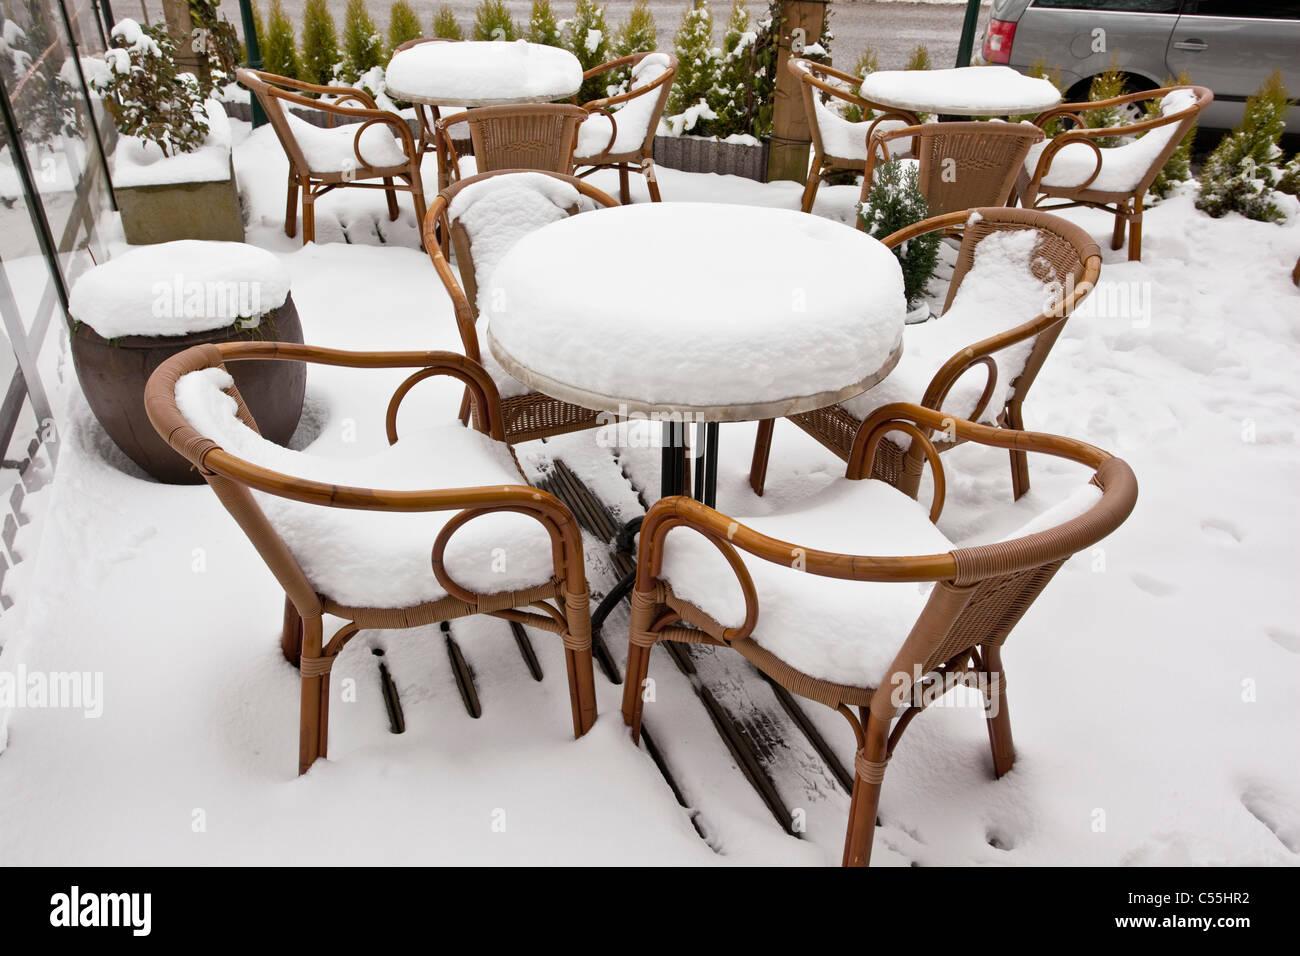 Niederlande, Slenaken, Stühle von outdoor-Café, mit Schnee bedeckt. Stockbild